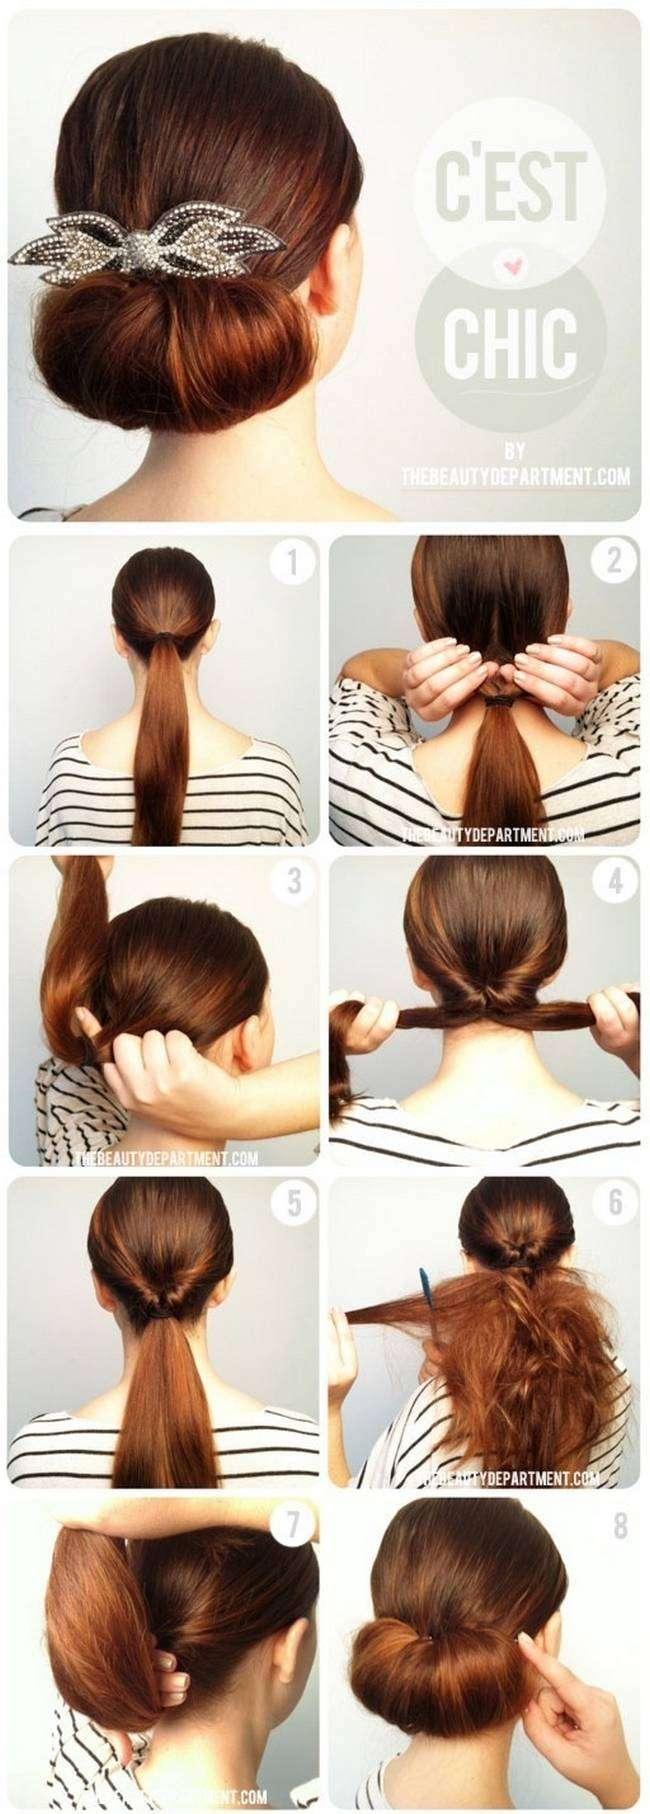 Легкие прически на средние волосы в домашних условиях фото